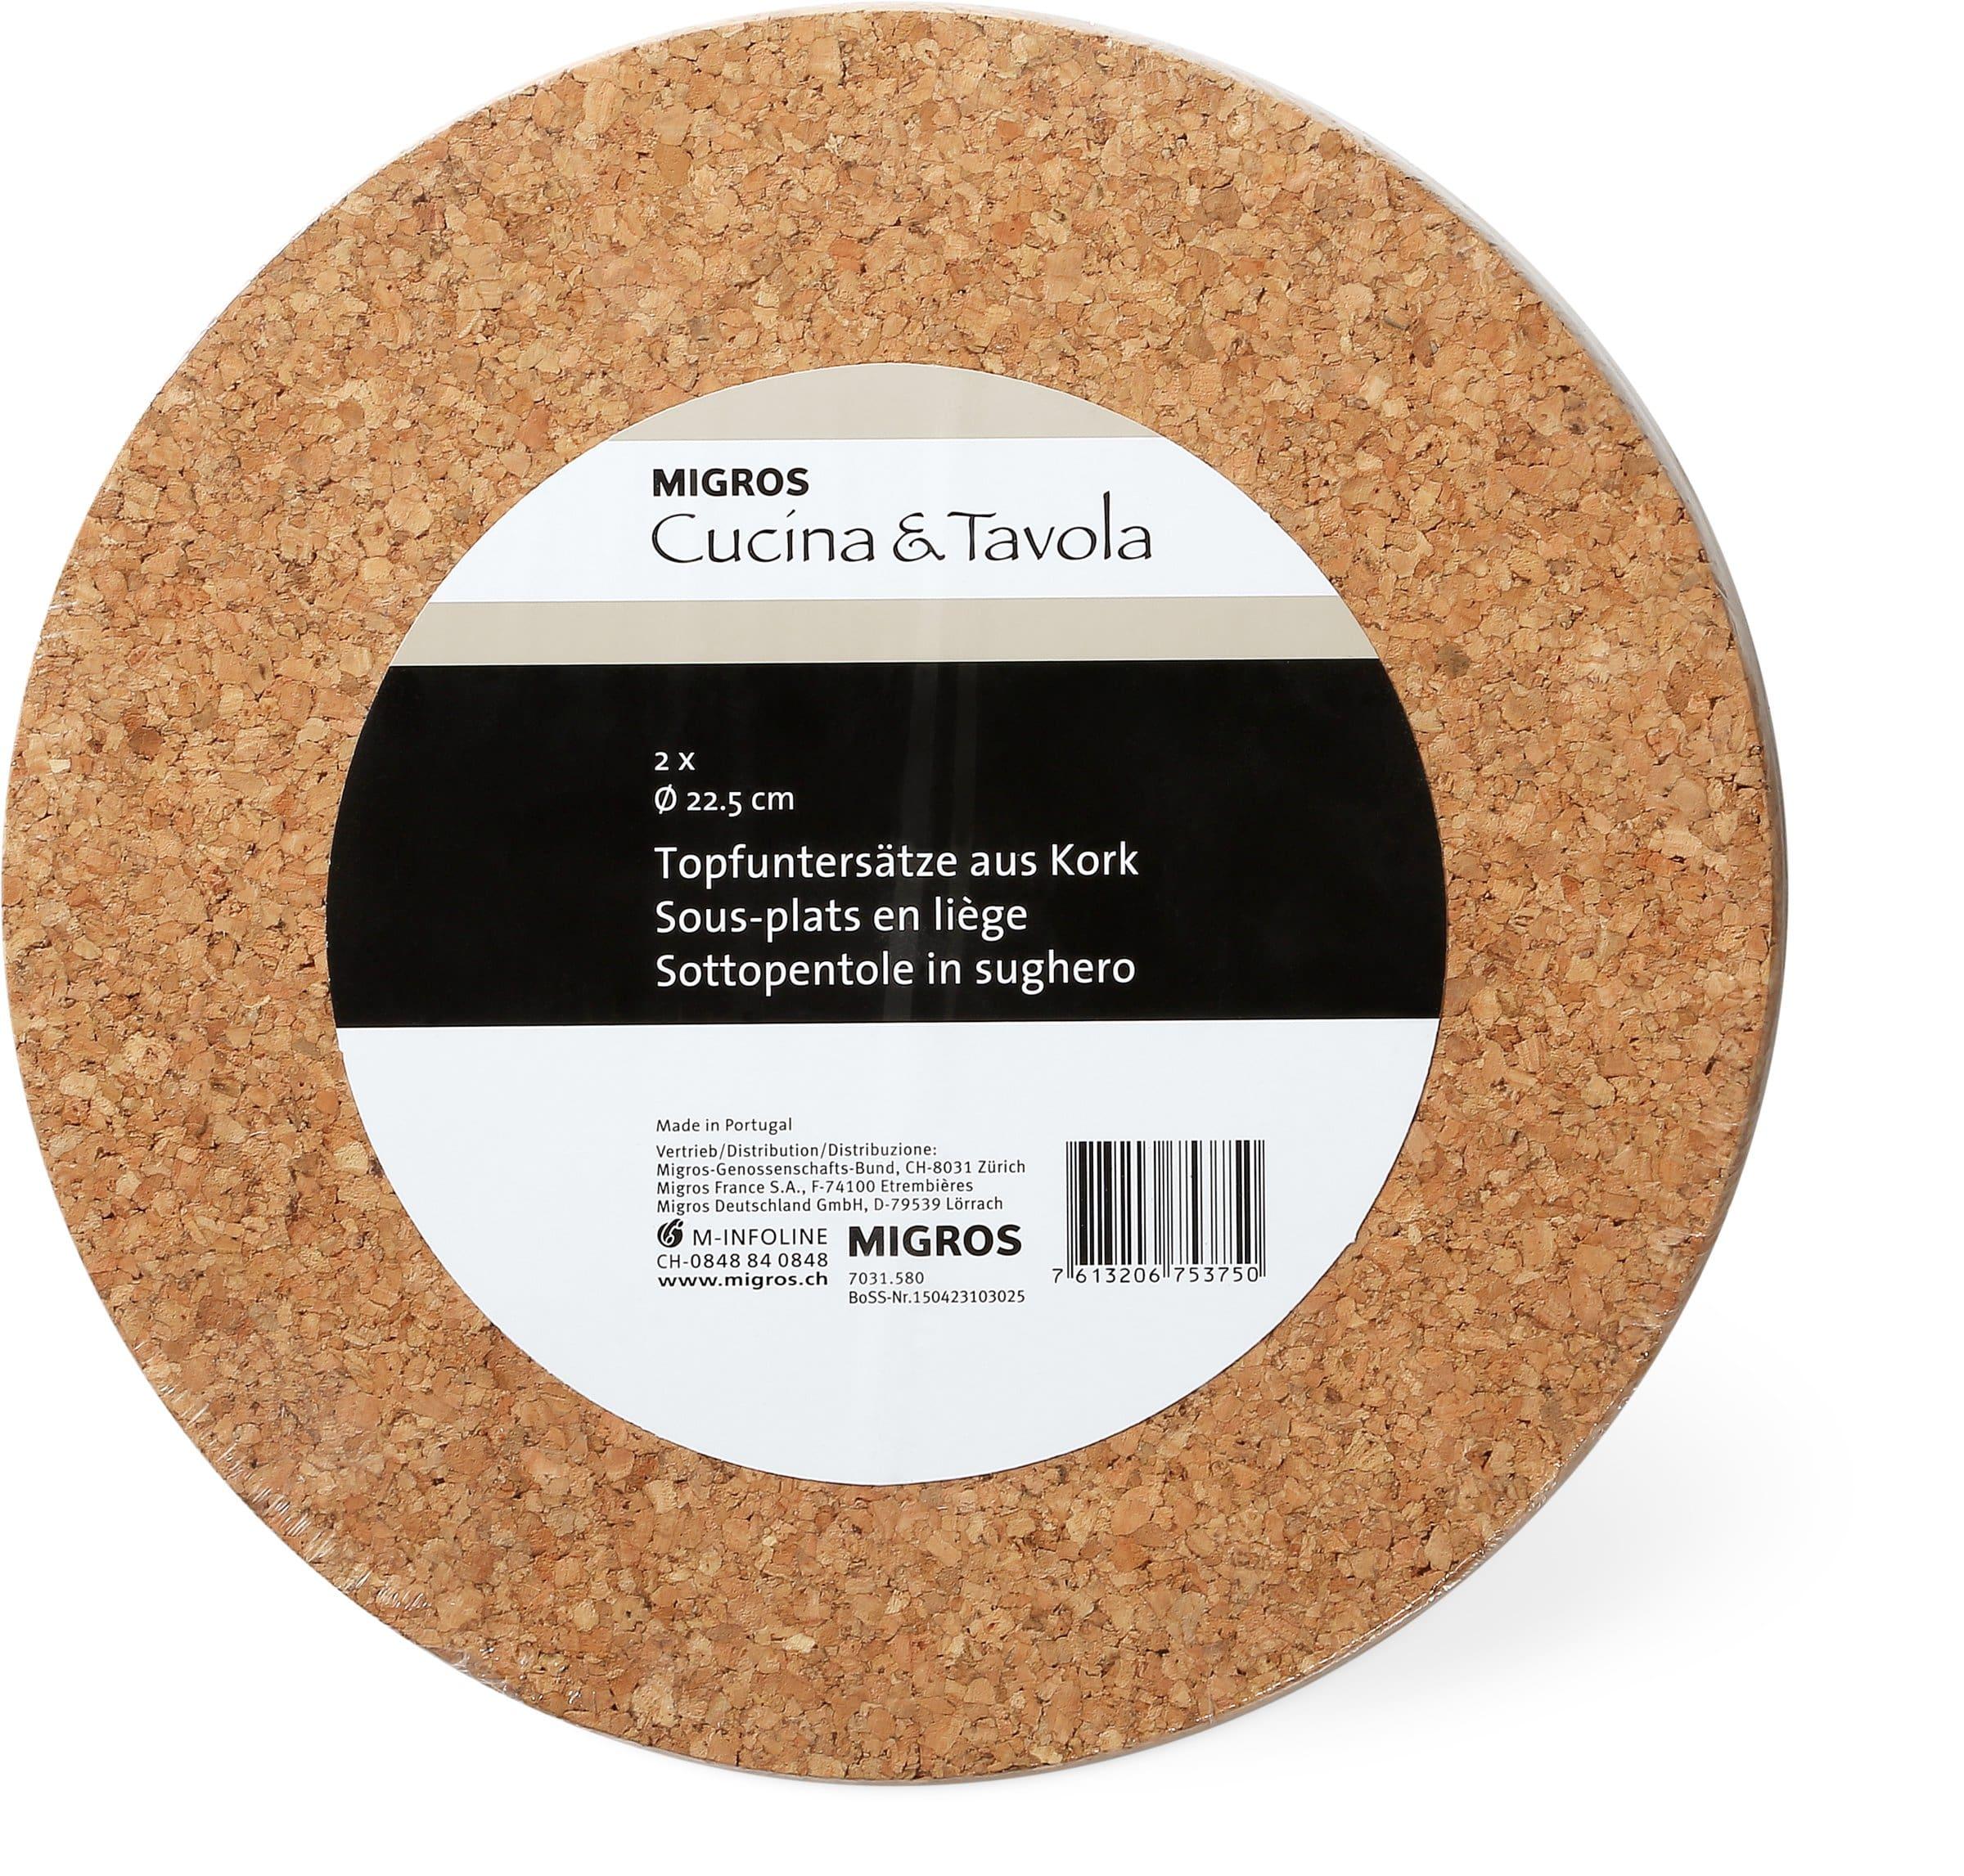 Cucina & Tavola Topfuntersätze